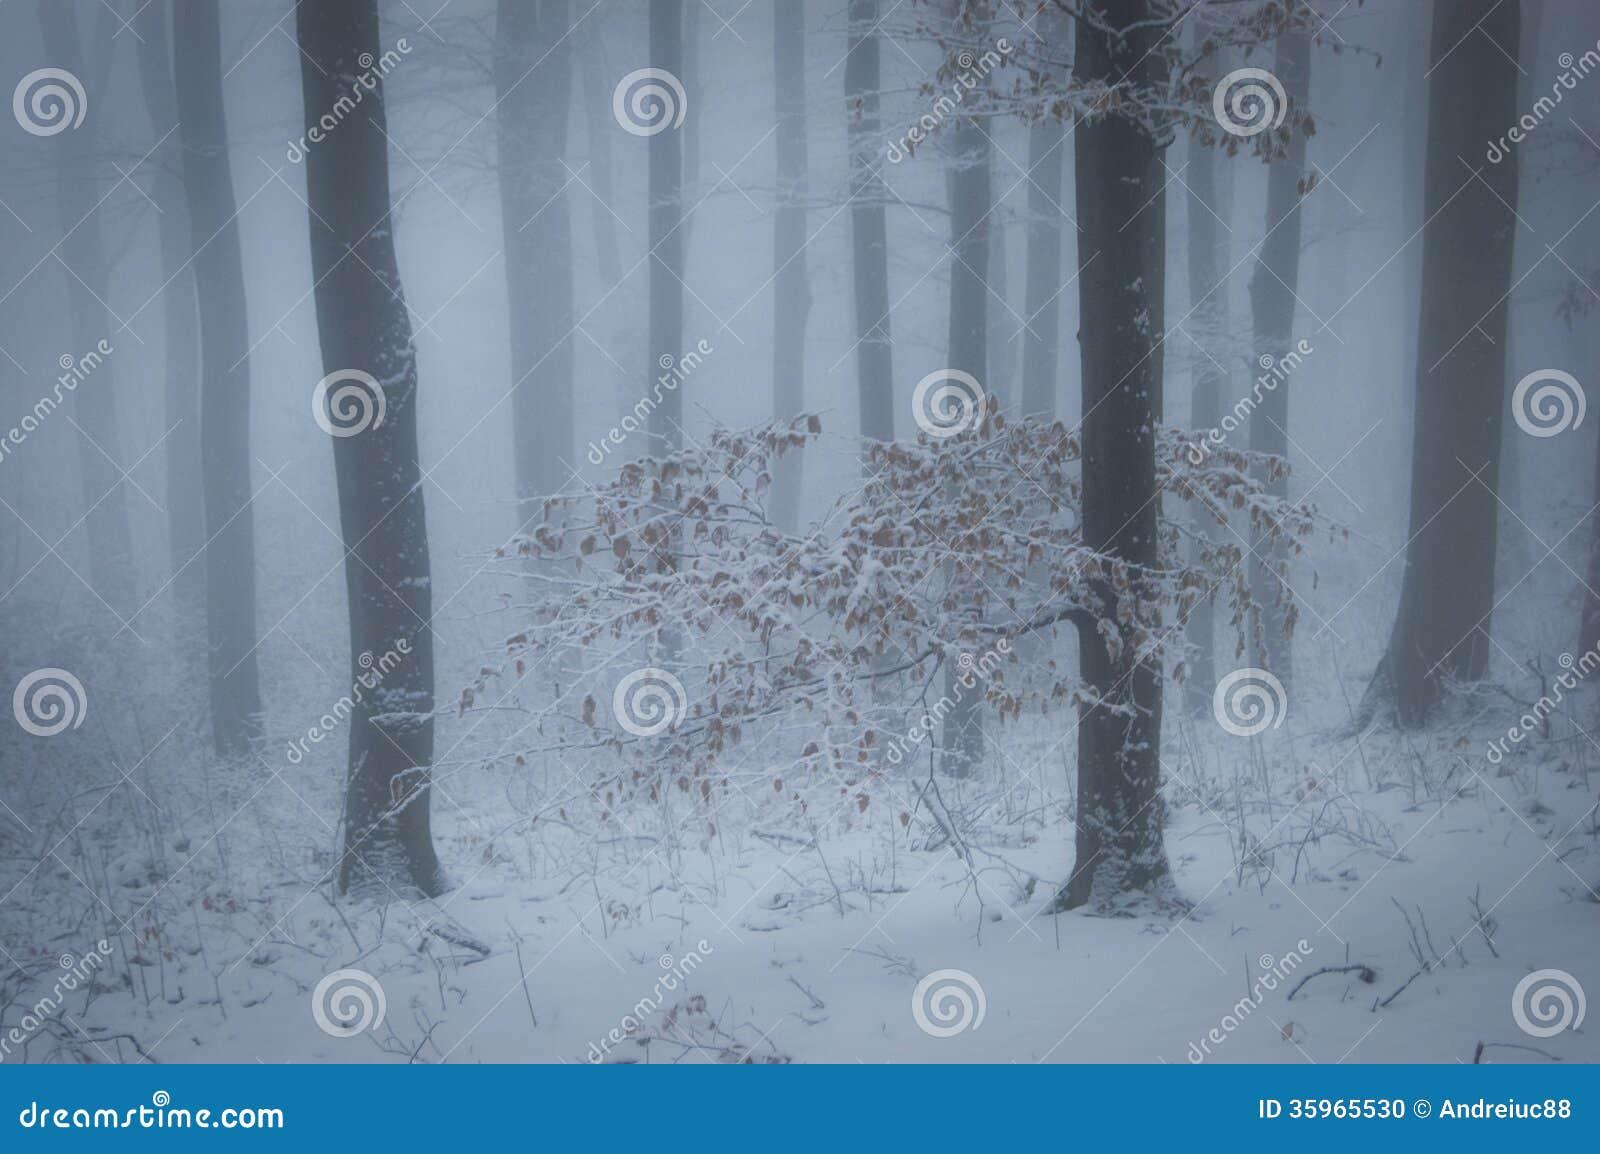 Bosque con niebla y nieve en invierno